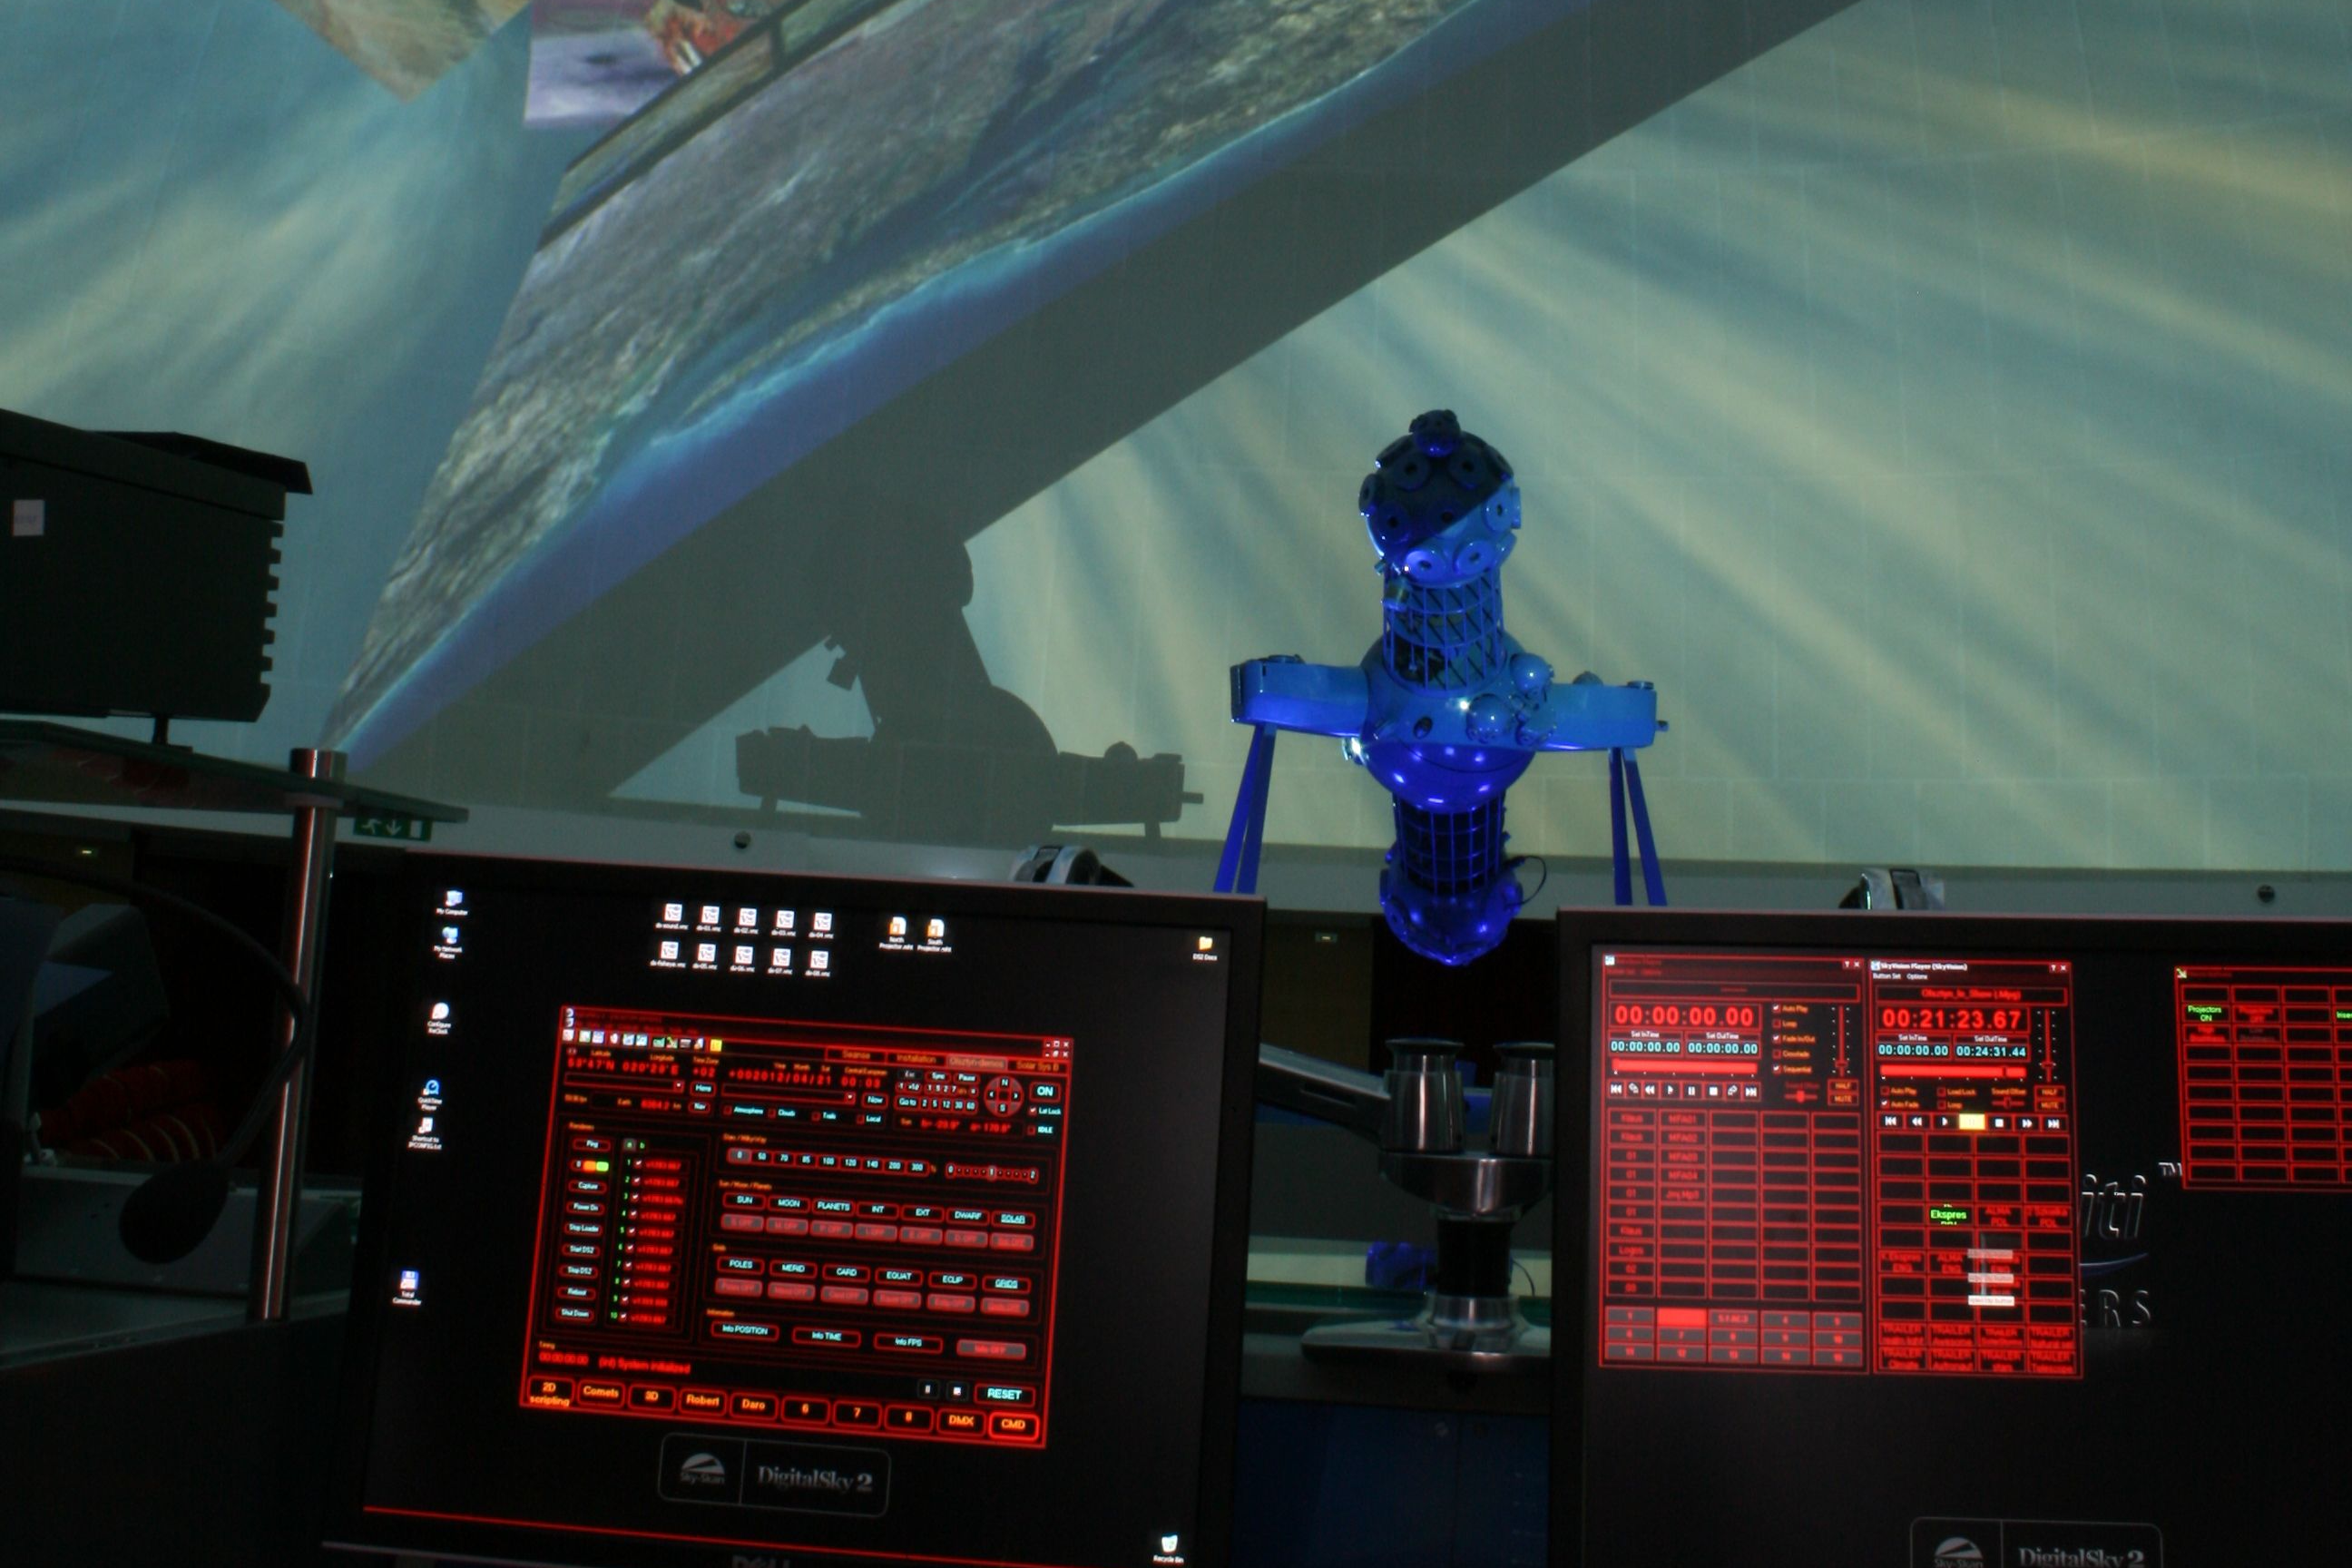 Noc Innowacji 2021 – Opowieści nadzwyczajne, czyli jak działa cyfrowe Planetarium